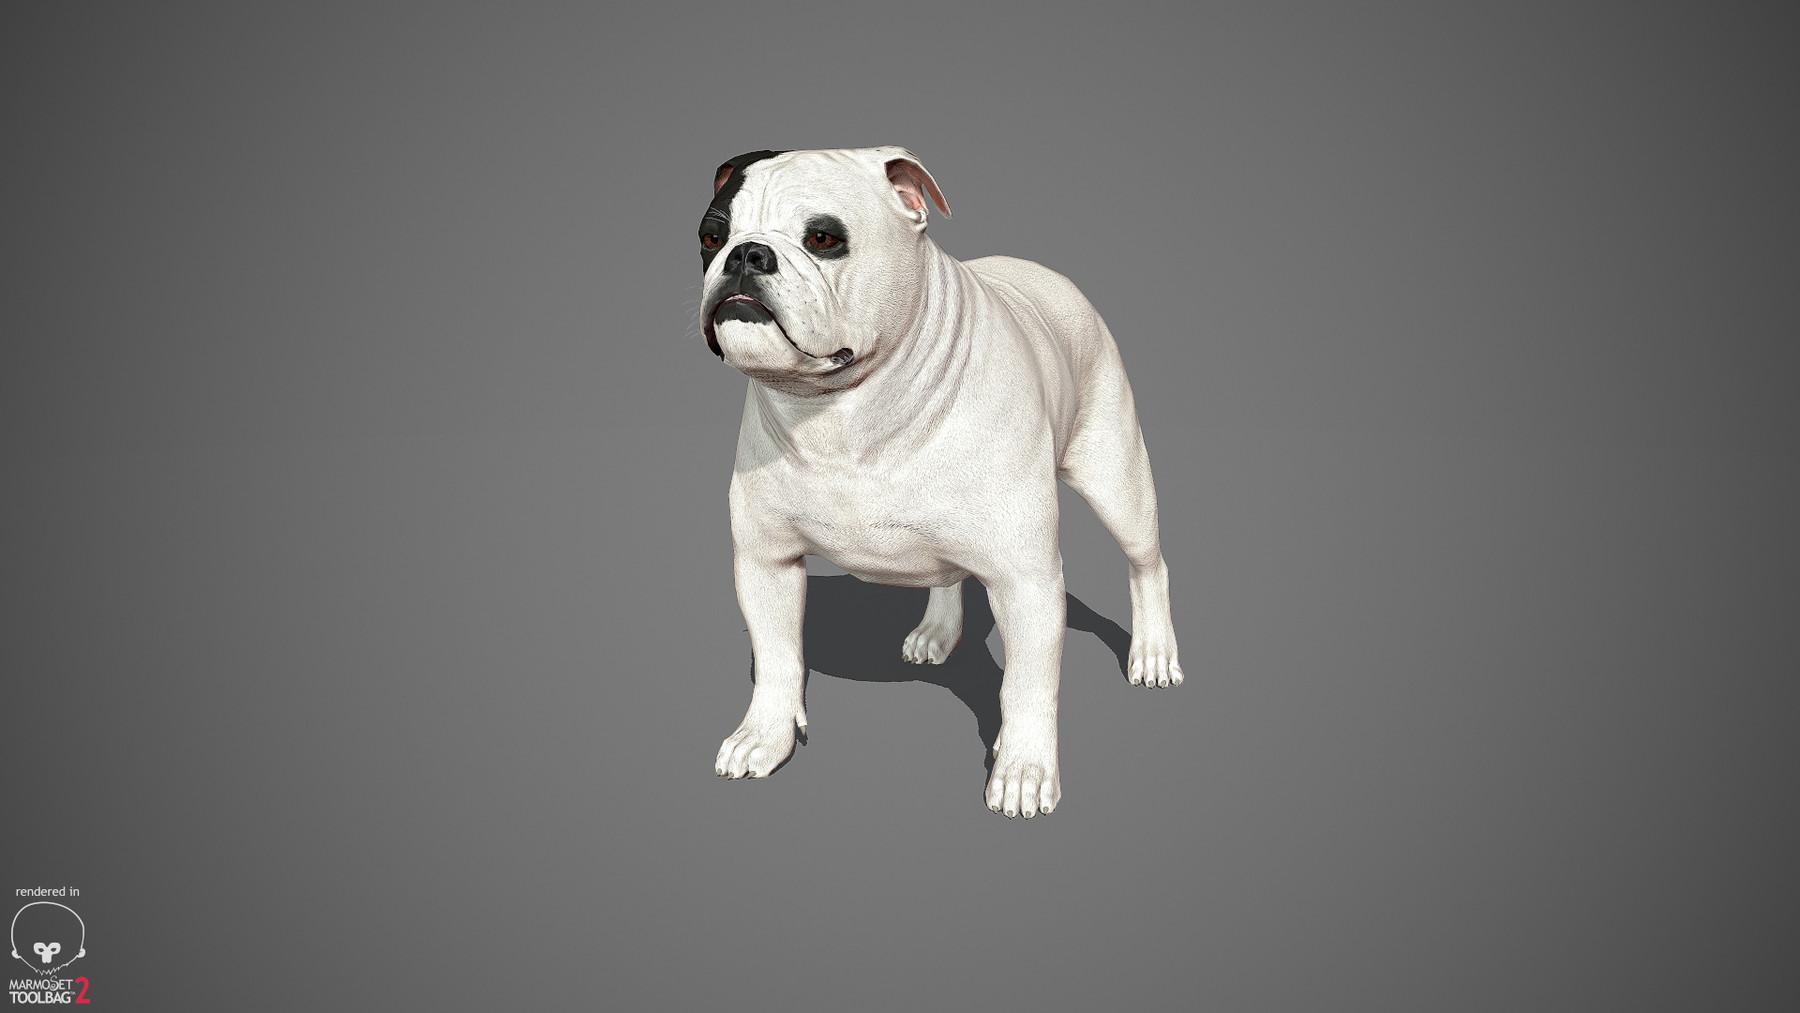 Englishbulldog by alexlashko marmoset 35